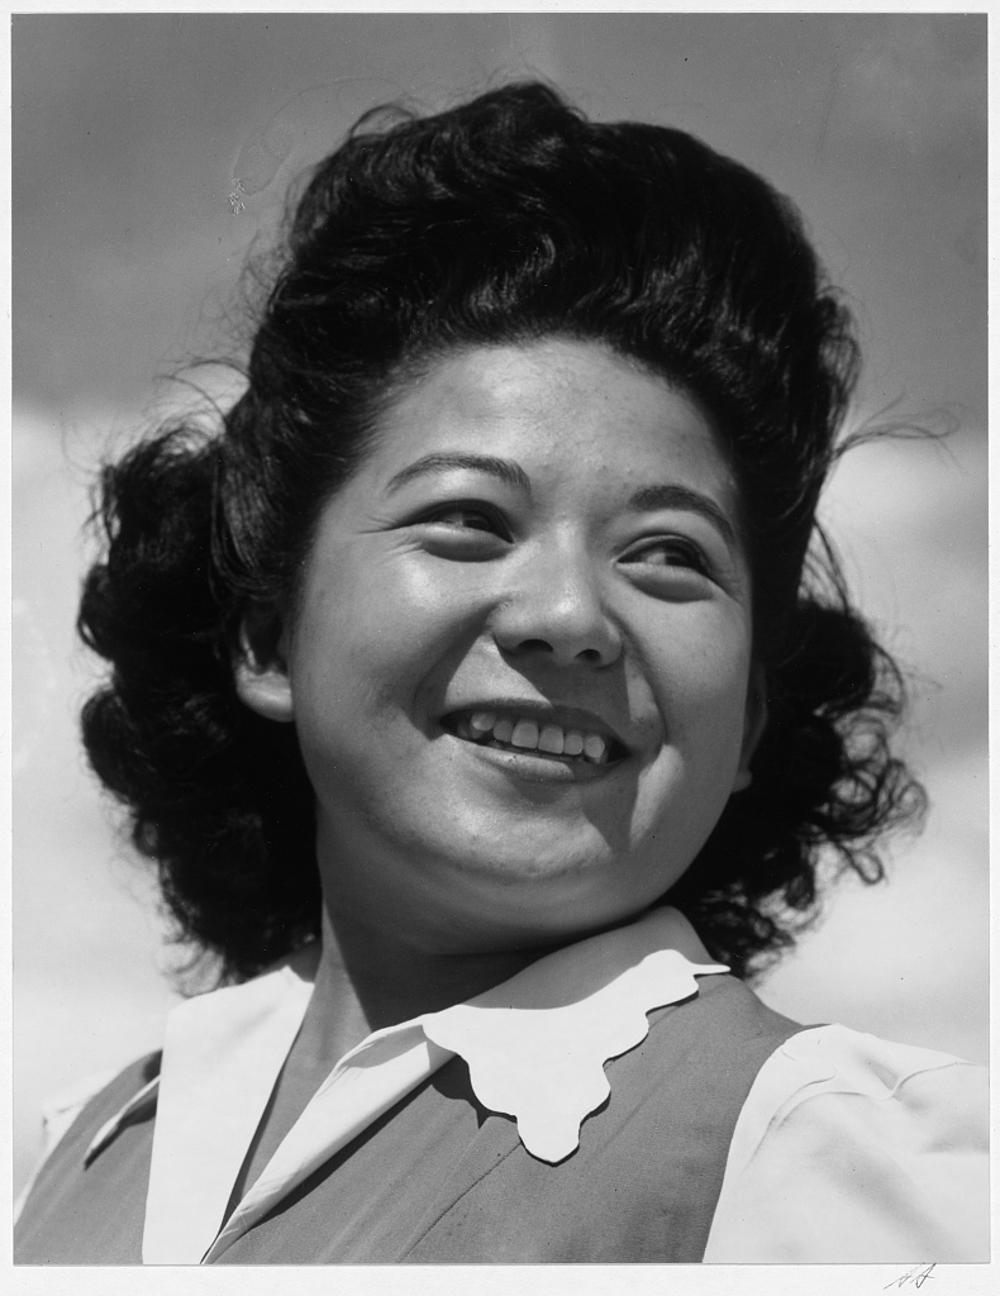 Miss Yemiko Sedohara